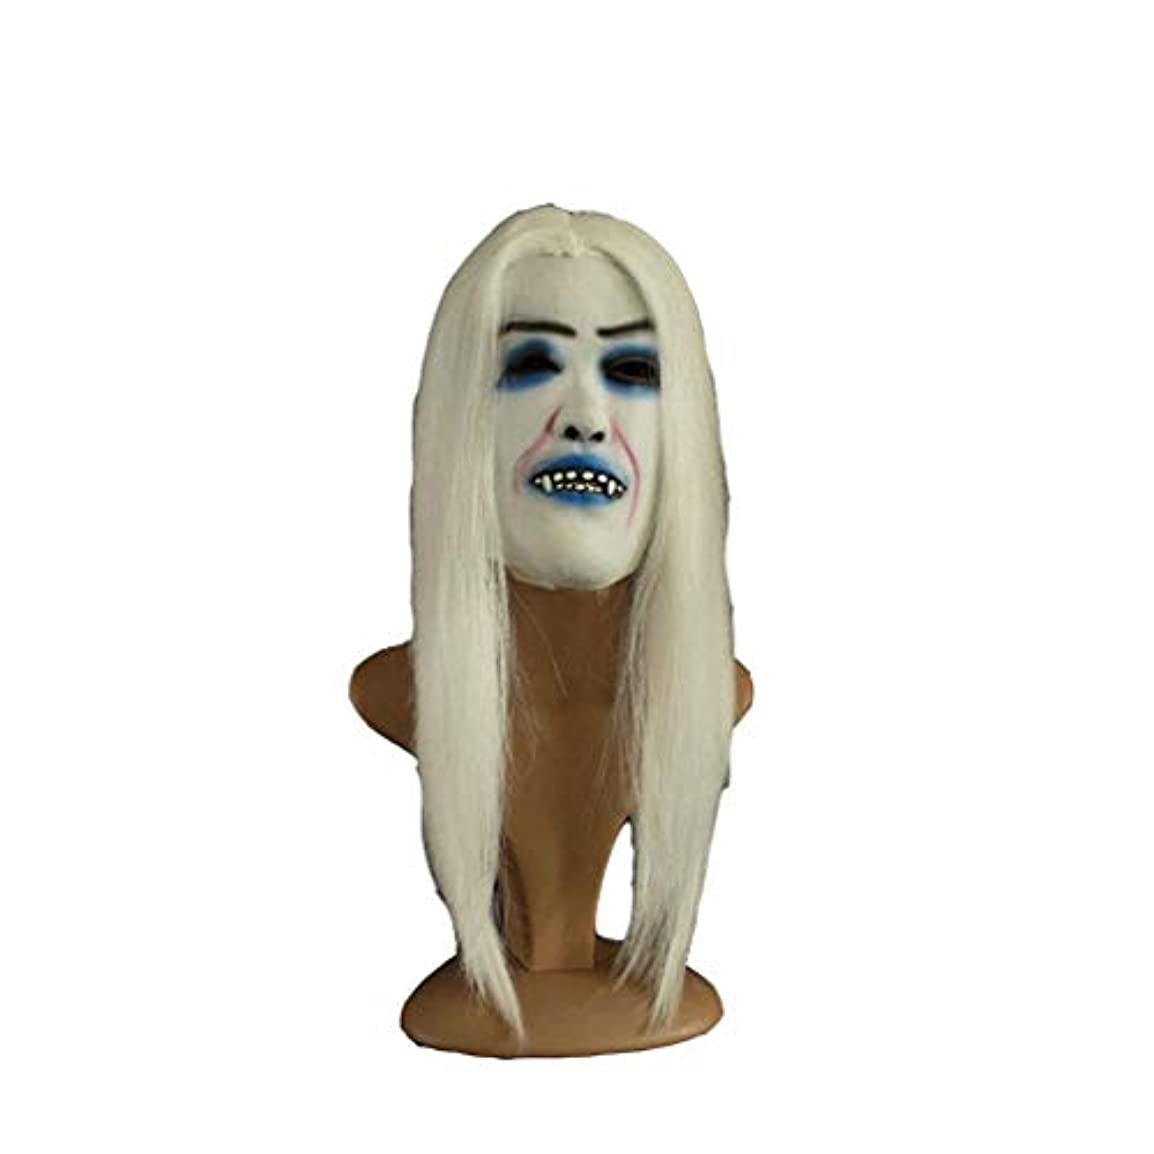 トマト怪物解任ハロウィンホラーマスク、白の顔をしかめたかつらコスプレ怖い吸血鬼のかつら22 * 21 cm髪の長さ67 cm